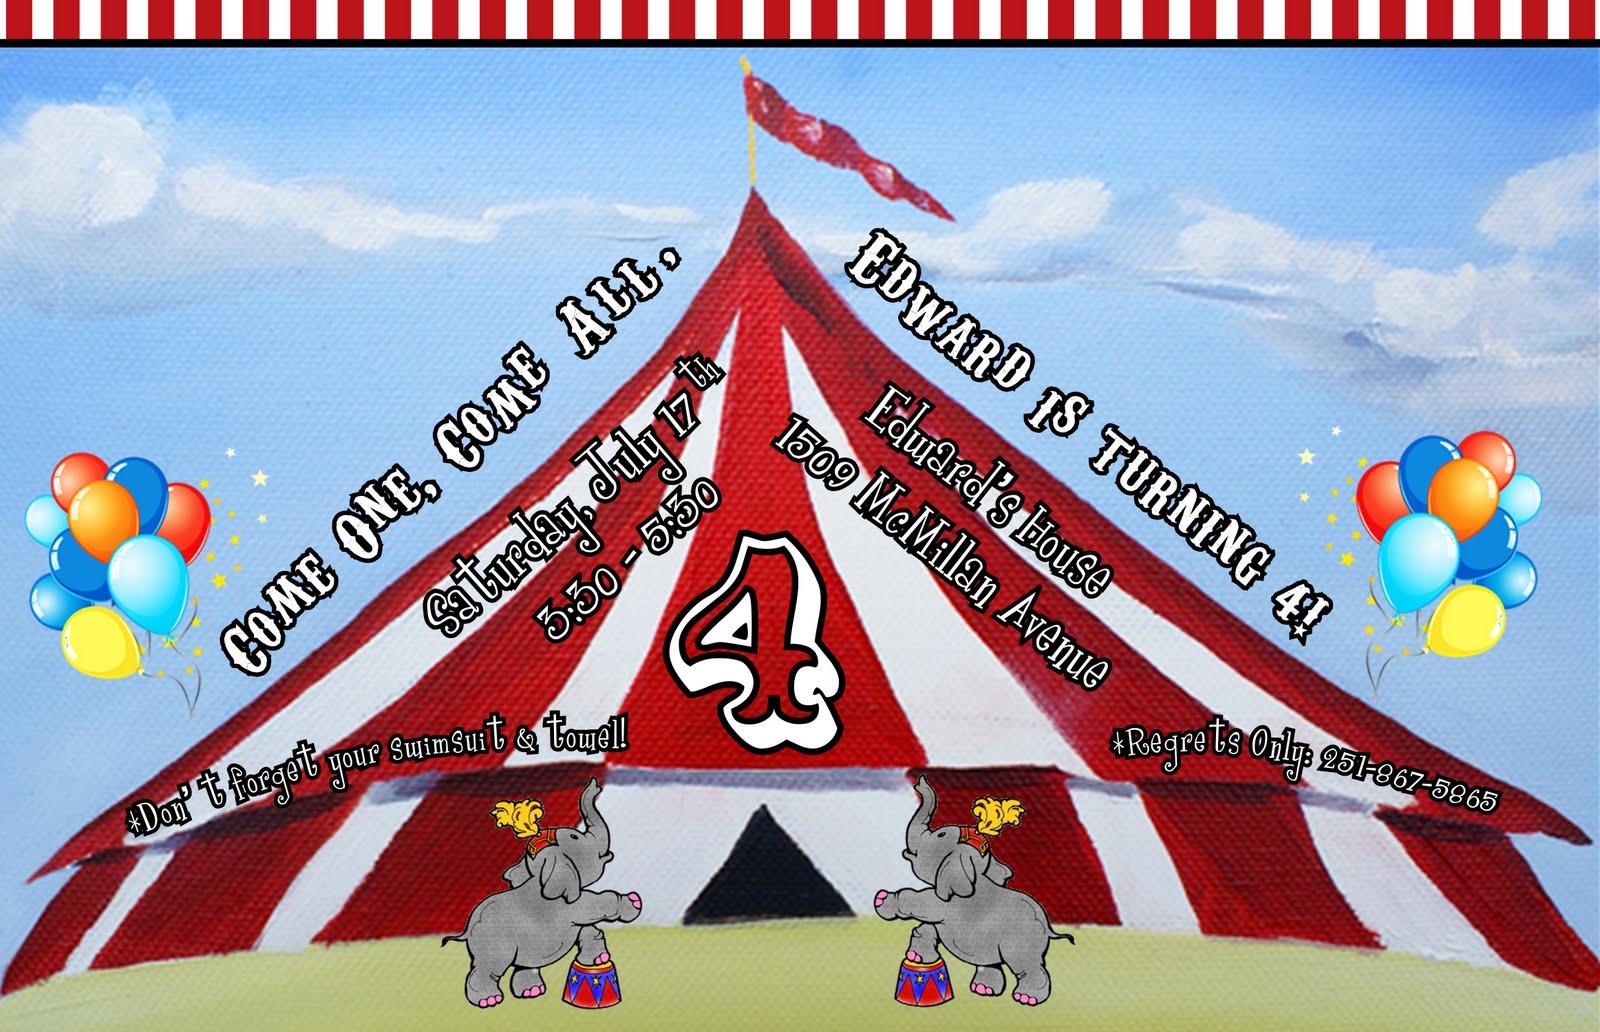 http://3.bp.blogspot.com/_6G0B1HLBZ5o/TIw7K3Jh3HI/AAAAAAAAAm0/D75Yg0X1fLY/s1600/Circus+Proof+1.jpg